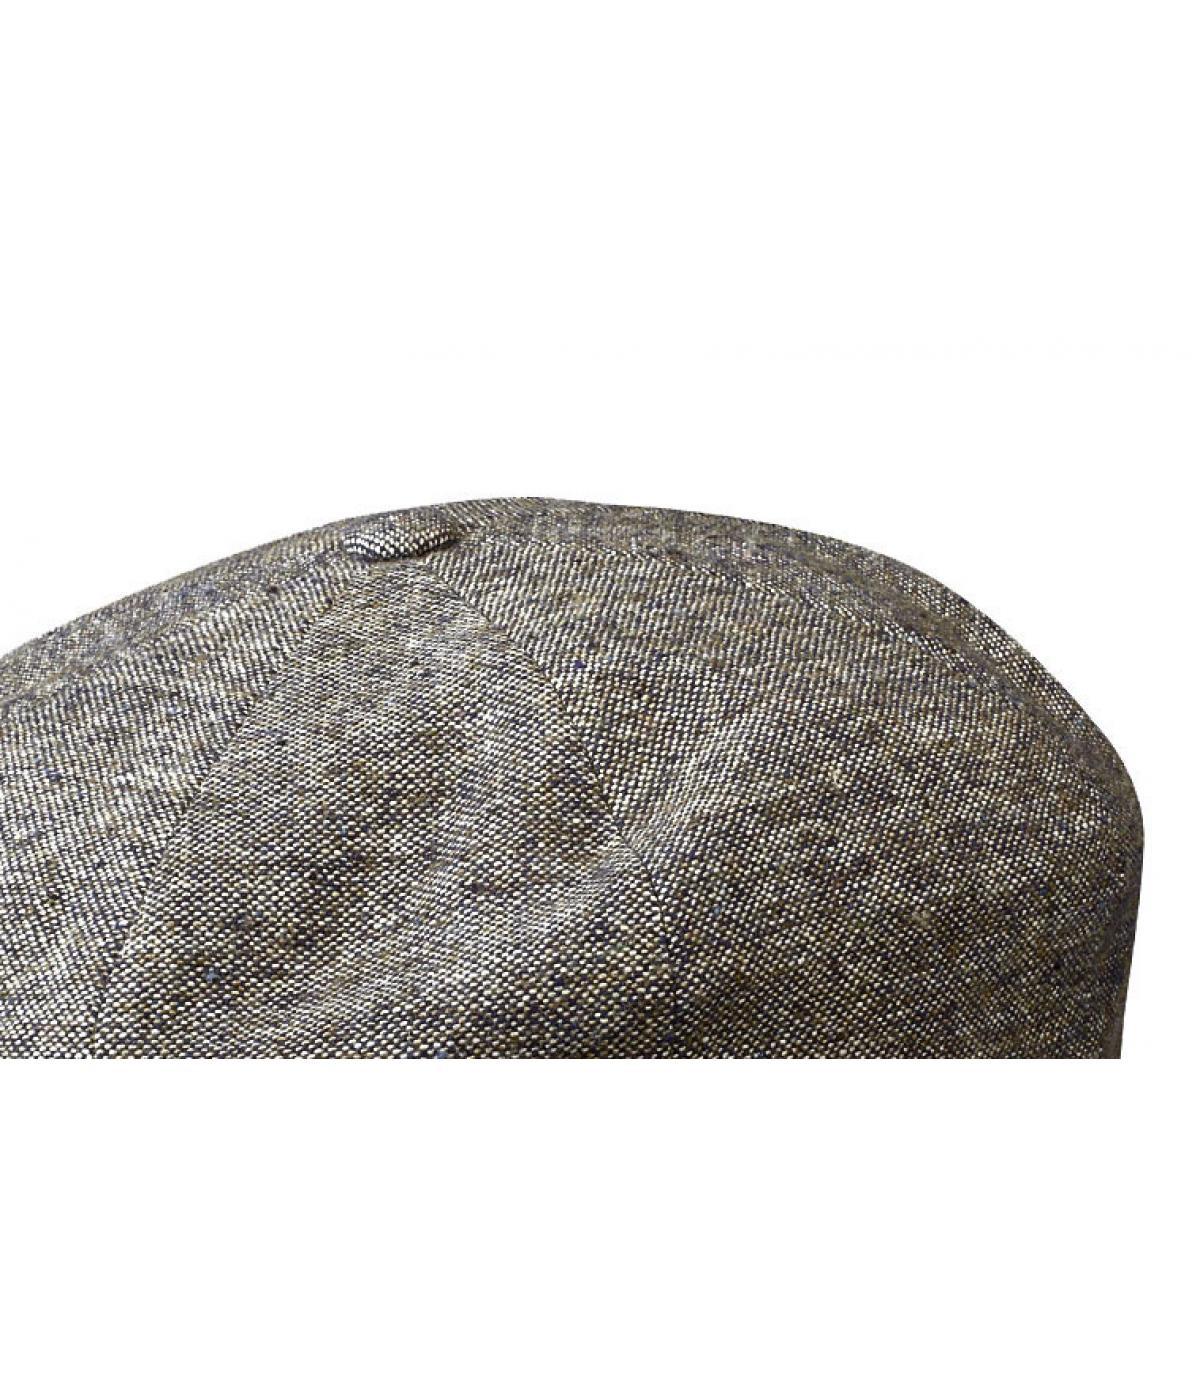 casquette irlandaise stetson hatteras laine coton grise par stetson. Black Bedroom Furniture Sets. Home Design Ideas